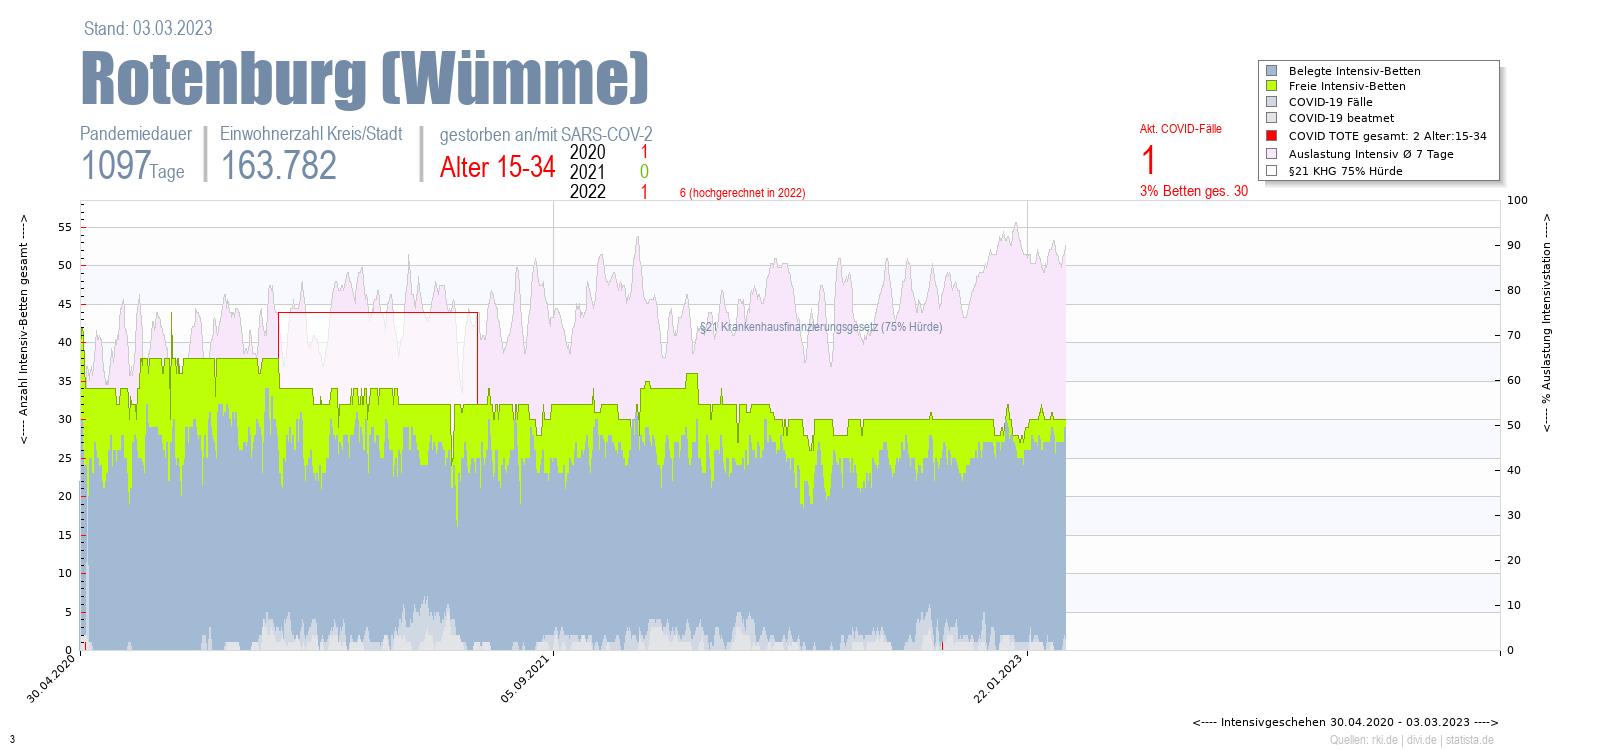 Intensivstation Auslastung Rotenburg (Wümme) Alter 0-4